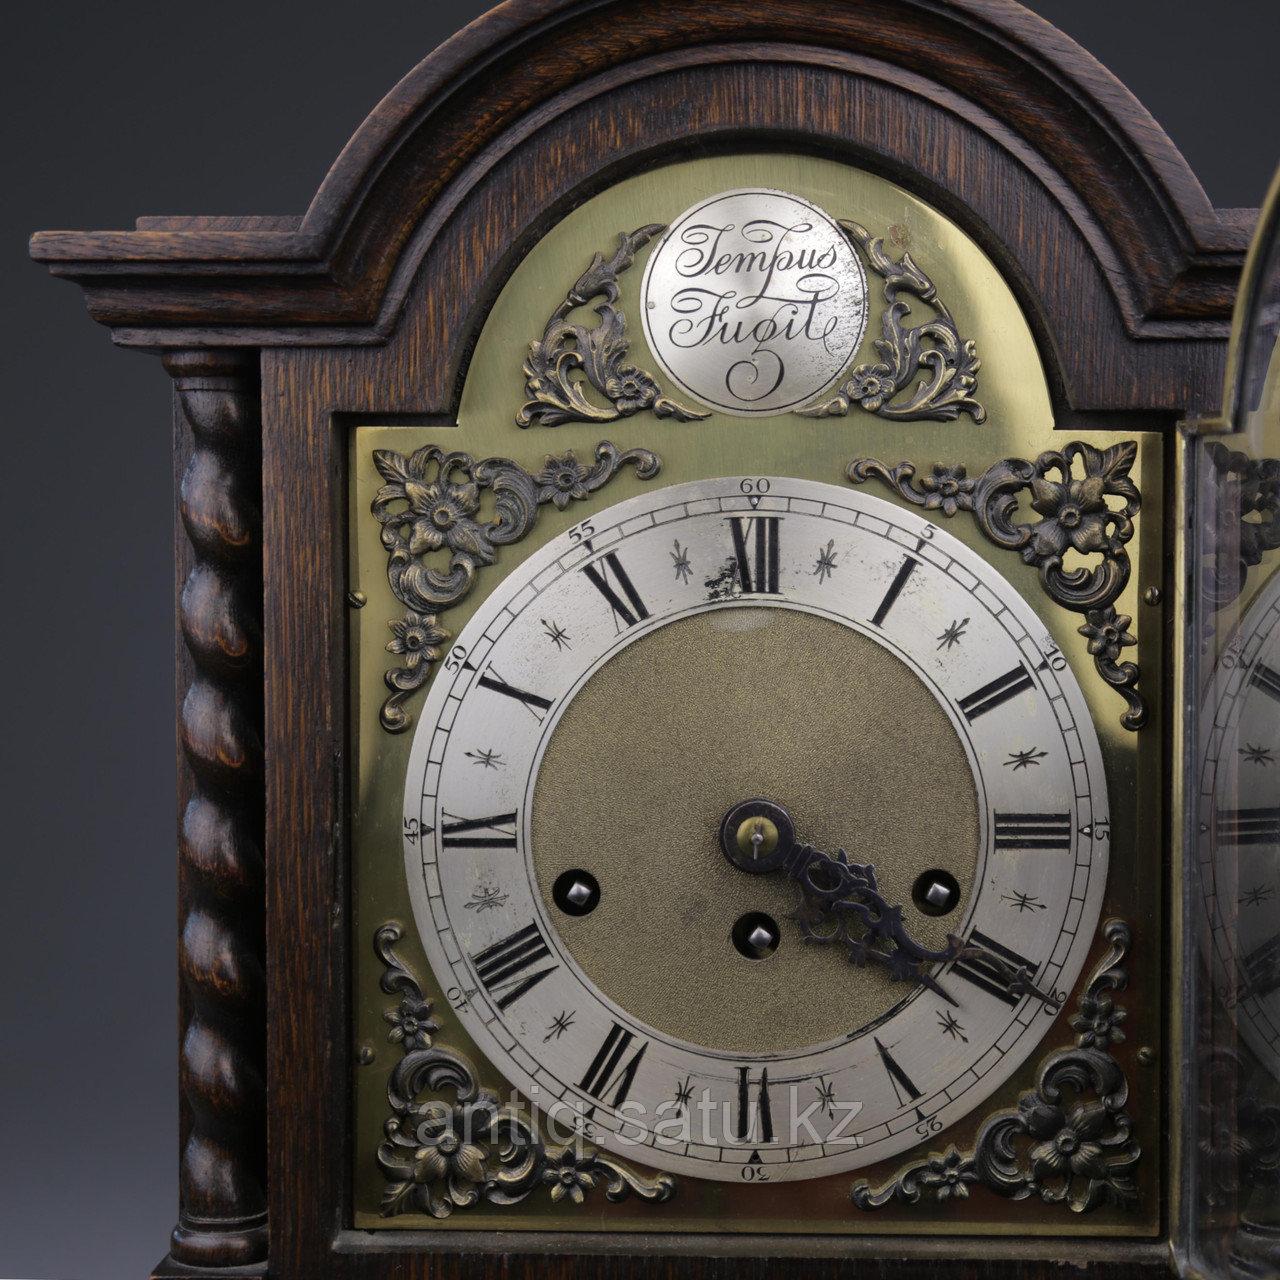 Настольные голландские часы с лунным календарем. Часовая мастерская Junghans. - фото 4